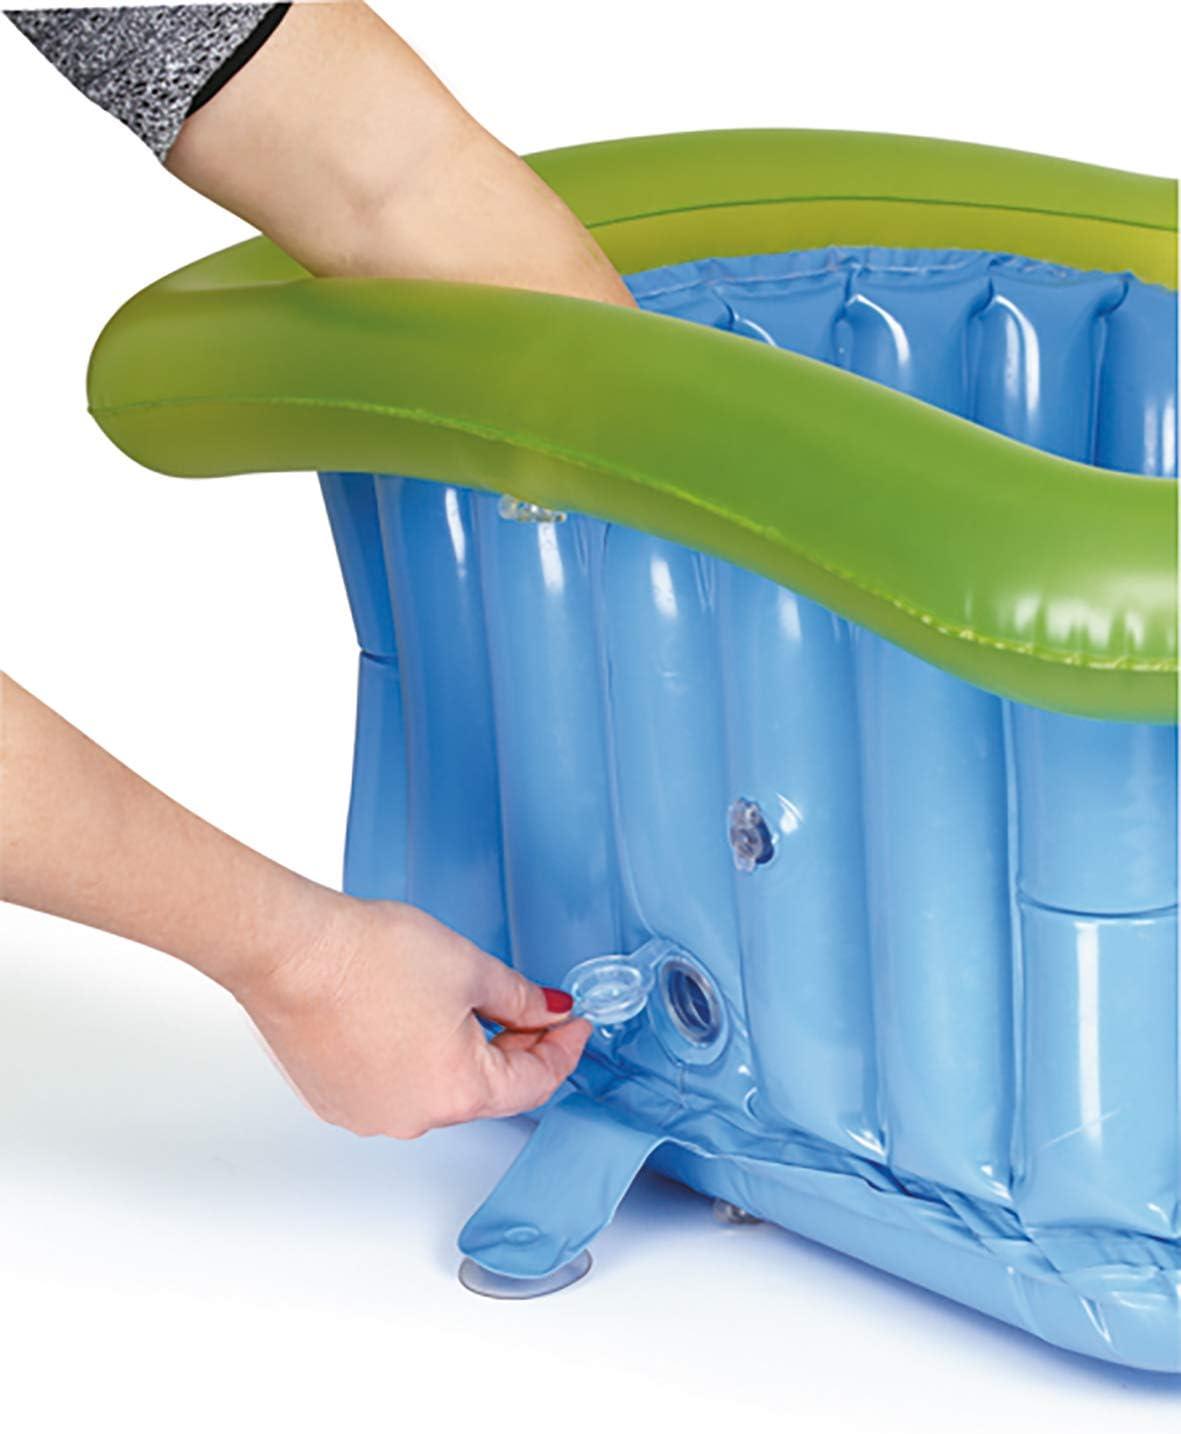 Gonfiabile 600 g 70 litri Jan/é Riduttore per Piatto Doccia 60x60 cm con Ventose e Tappo di Scarico Comprende una Pompa